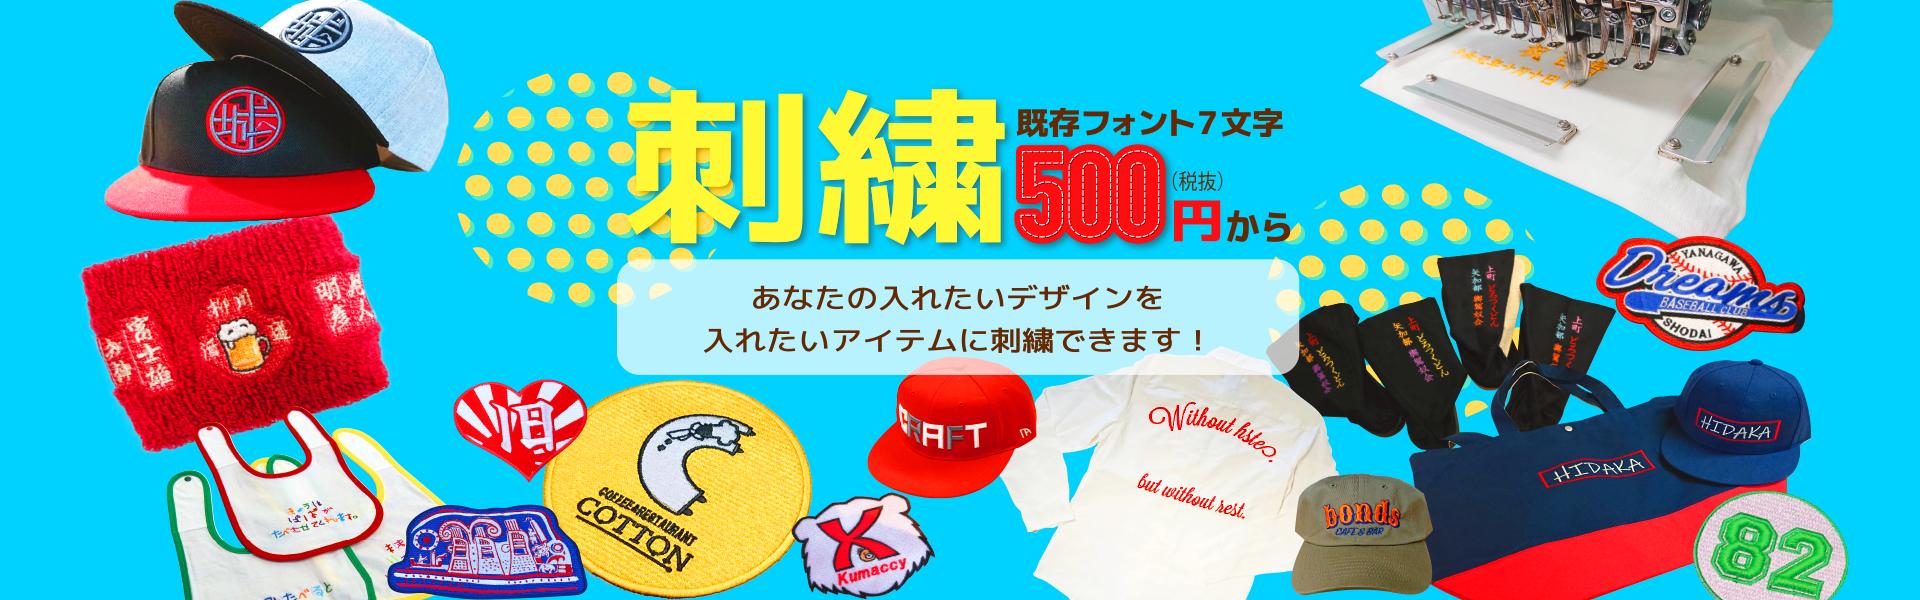 クラフトラボ柳川での刺繍は500円から